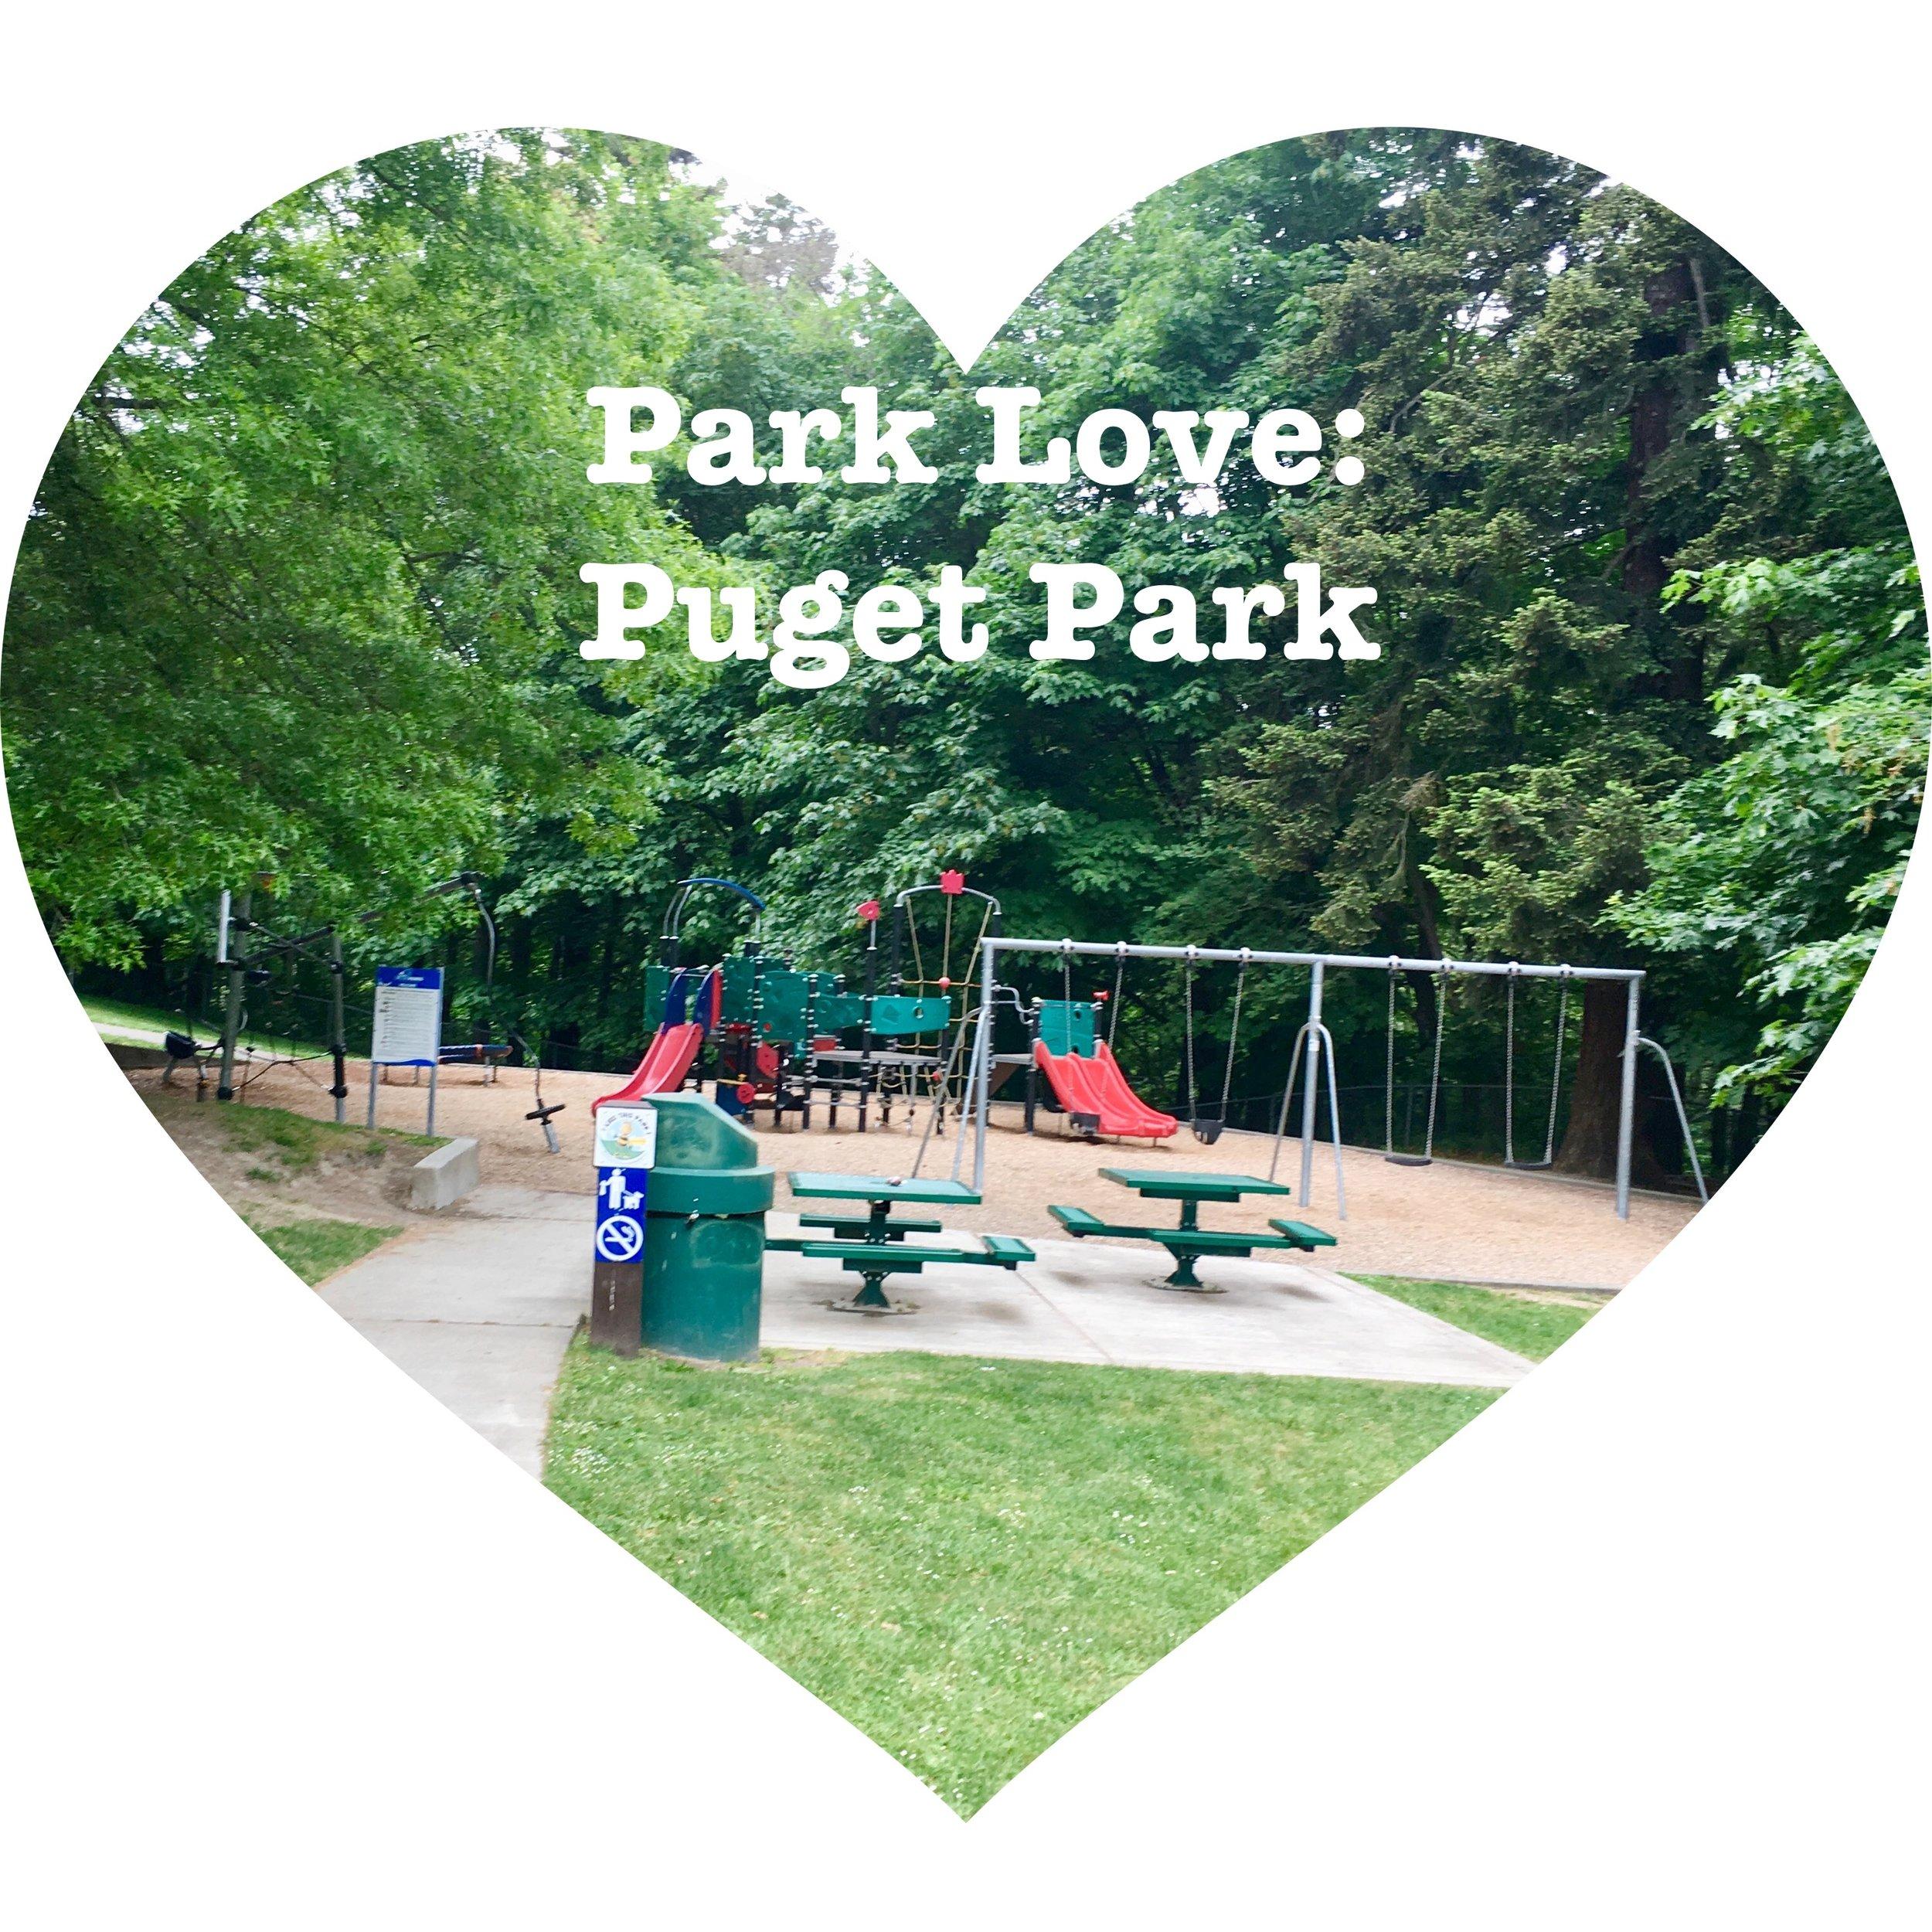 parklove_pugetpark.jpeg